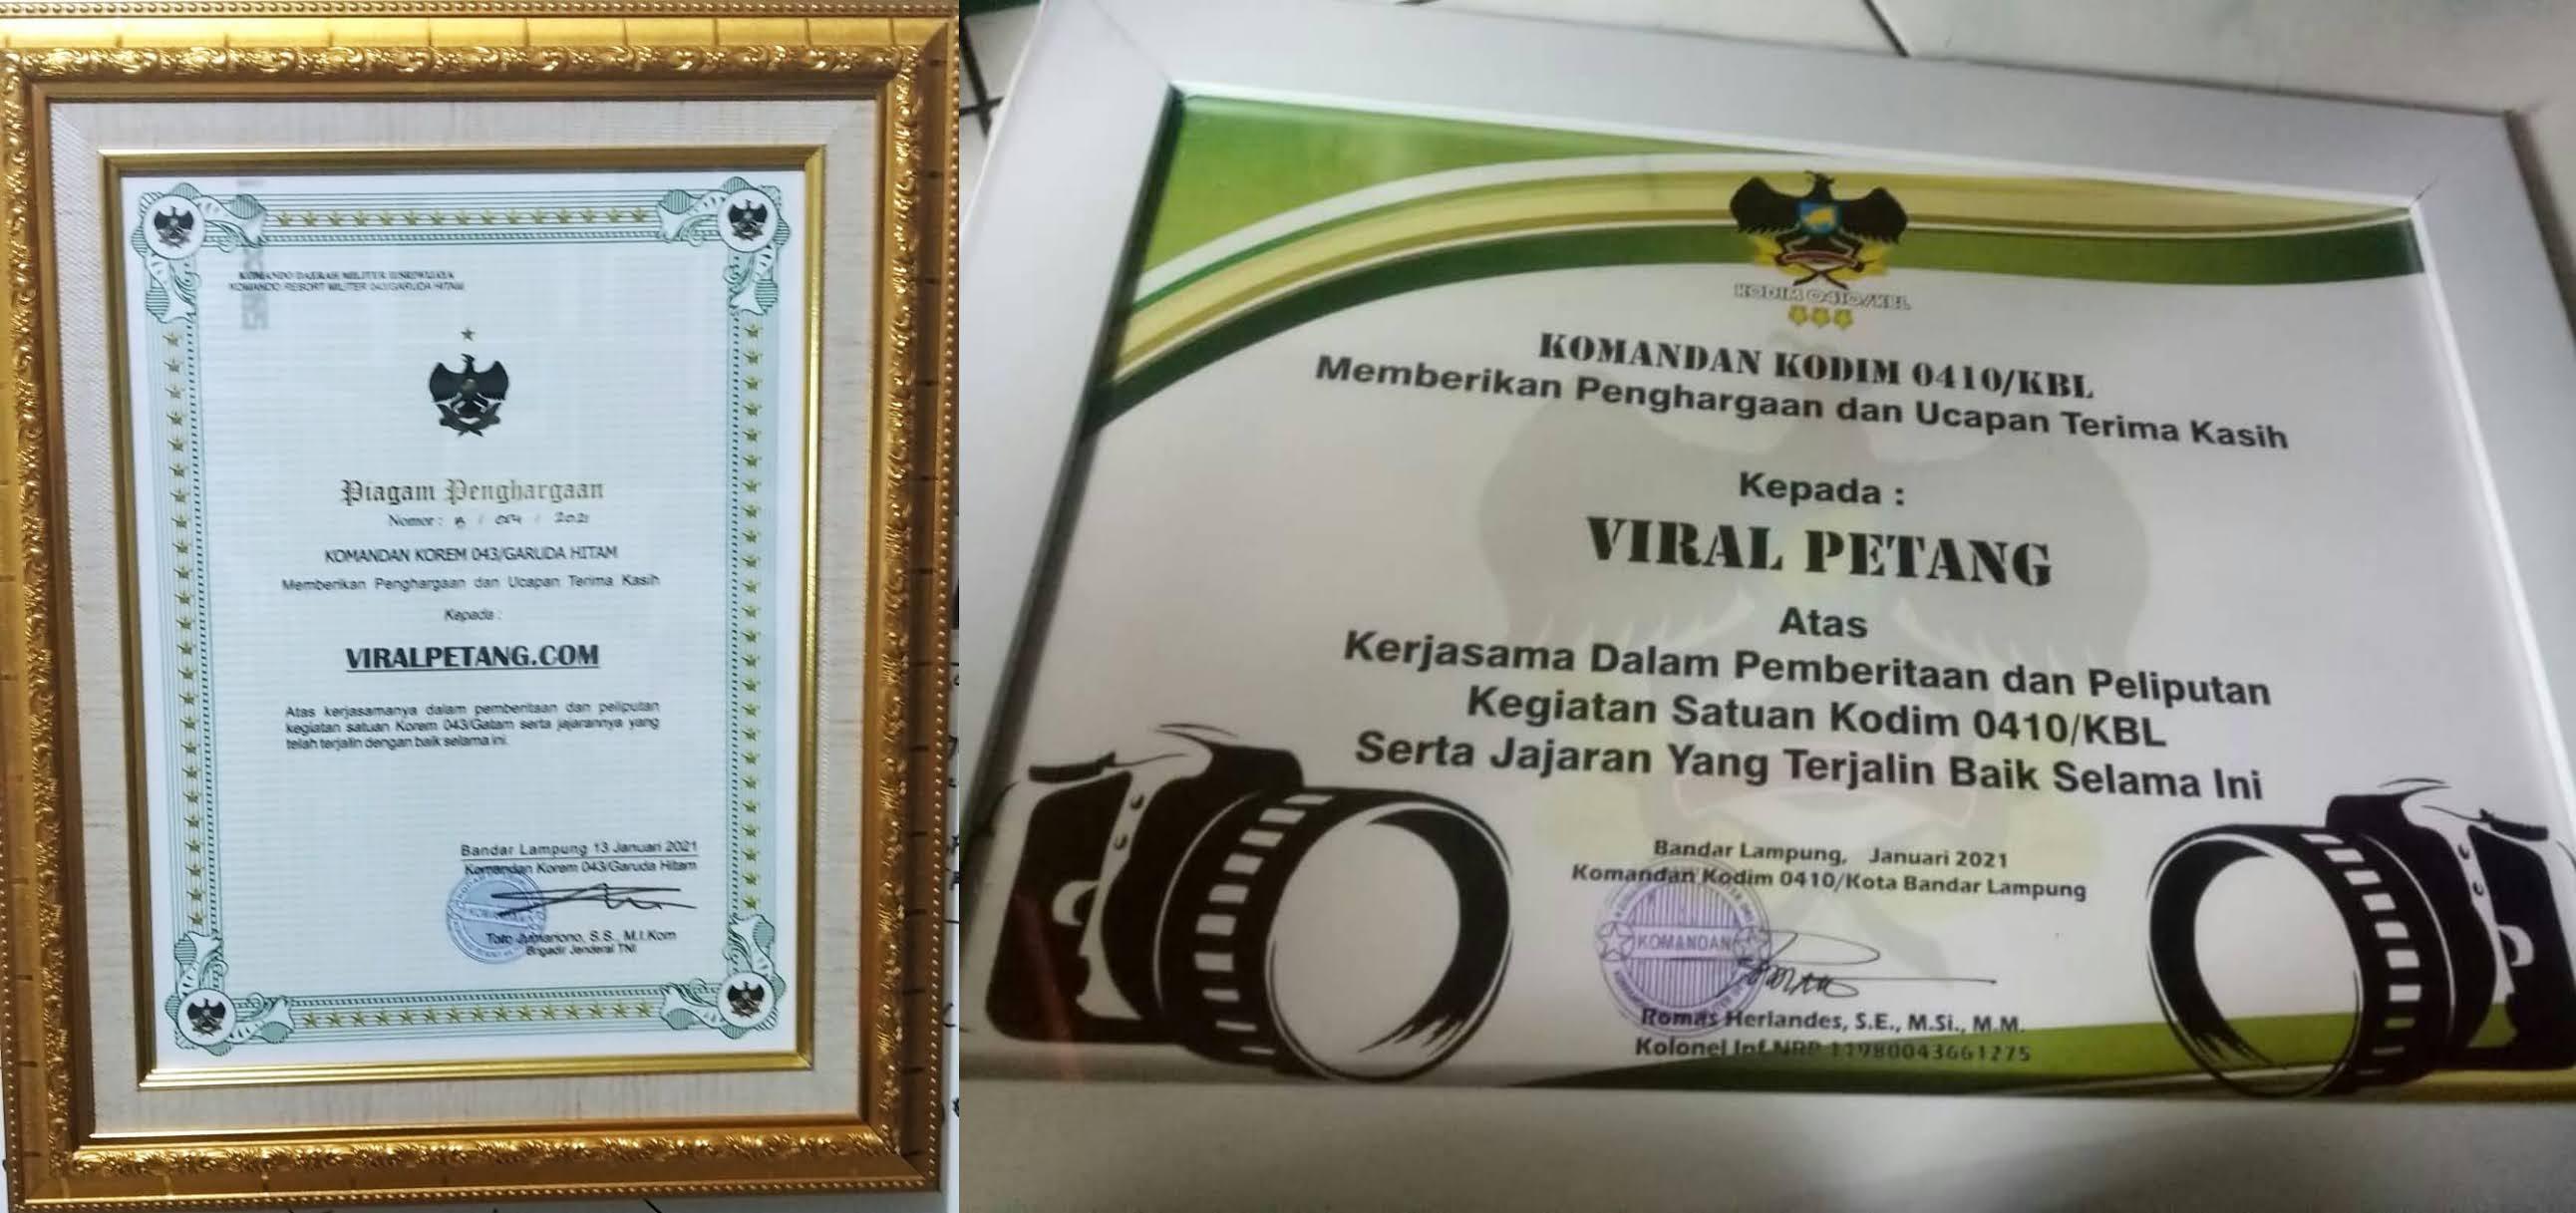 ViralPetang.com Terima Dua Penghargaan, Dari Dandim 0410/KBL dan Korem 043/Garuda Hitam